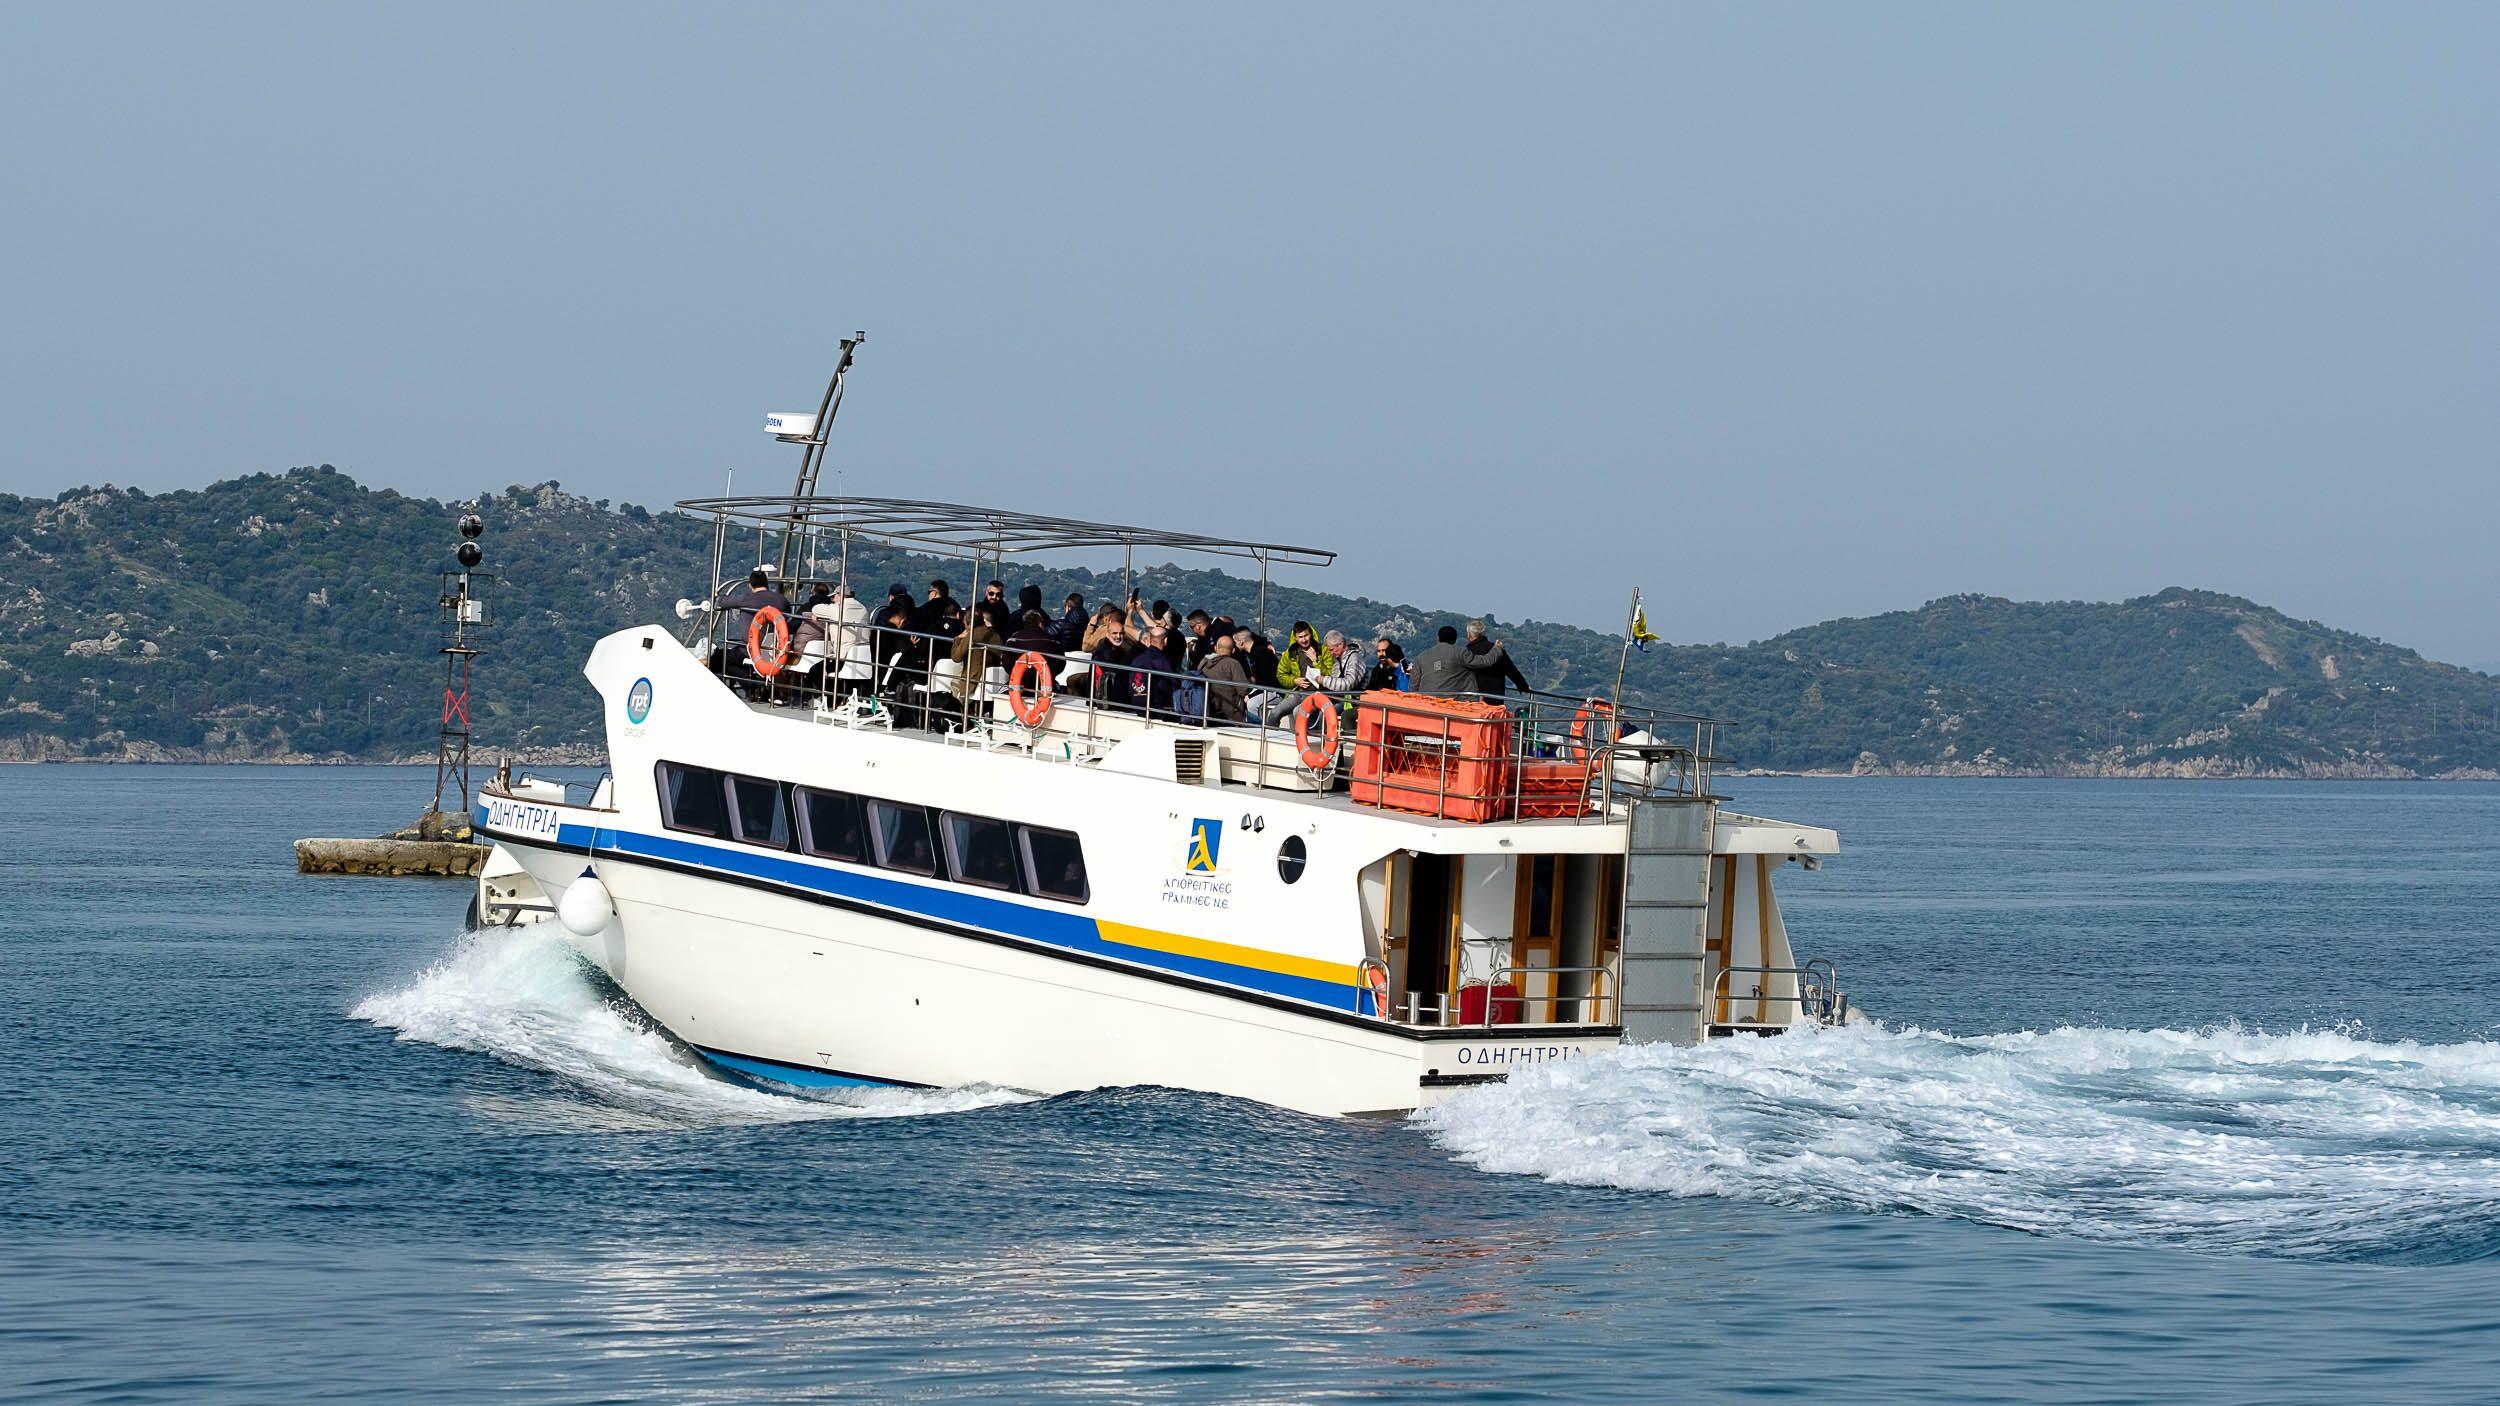 Pilgerboot Mönchsrepublik Athos, Griechenland, Ägäis